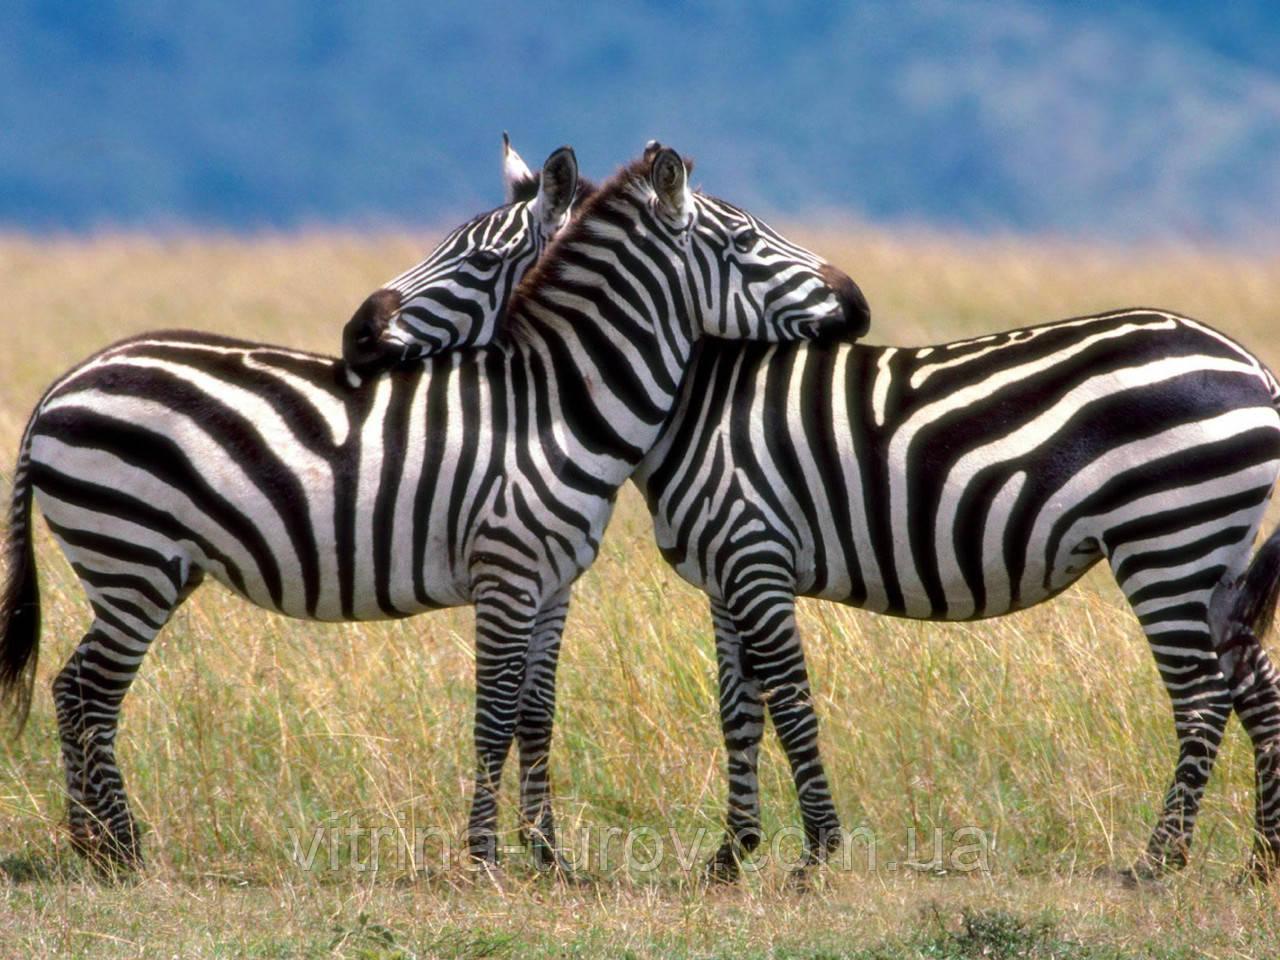 """Экскурсионный тур в Танзанию """"Кратер Нгоронгоро - Серенгети - озеро Маньяра"""" на 4 дня / 3 ночи"""